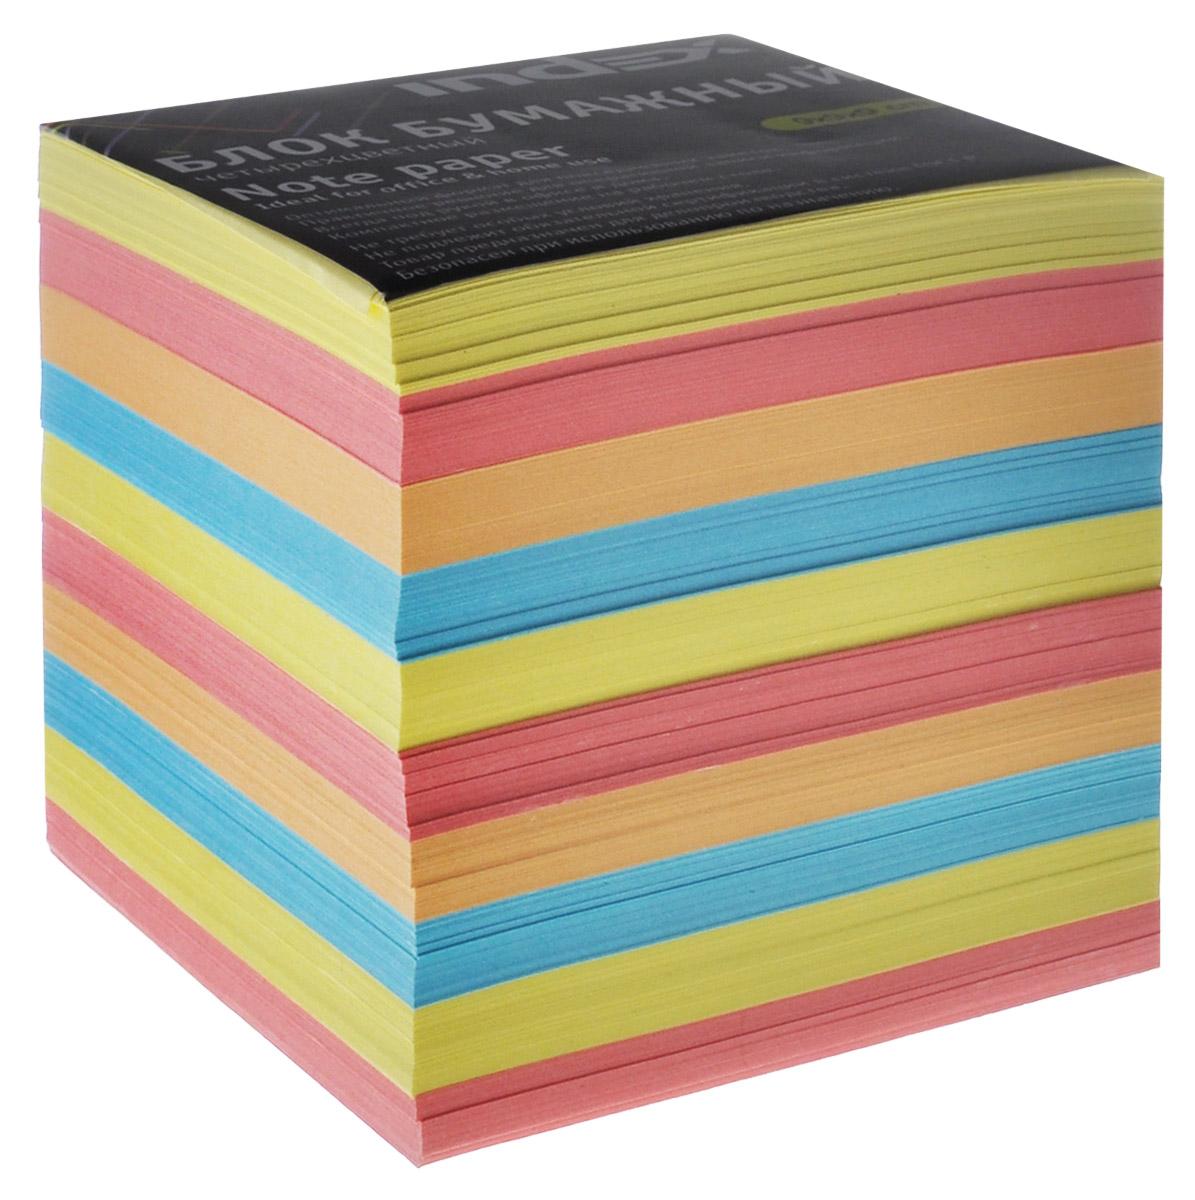 Index Блок для записей многоцветный, цвет: желтый, розовый, голубойI9910/N/R_желтый, розовый, голубойБумага для записей Index - практичное решение для оперативной записи информации в офисе или дома. Блок состоит из листов разноцветной бумаги, что помогает лучше ориентироваться во множестве повседневных заметок.А яркий блок-кубик на вашем рабочем столе поднимет настроение вам и вашим коллегам!